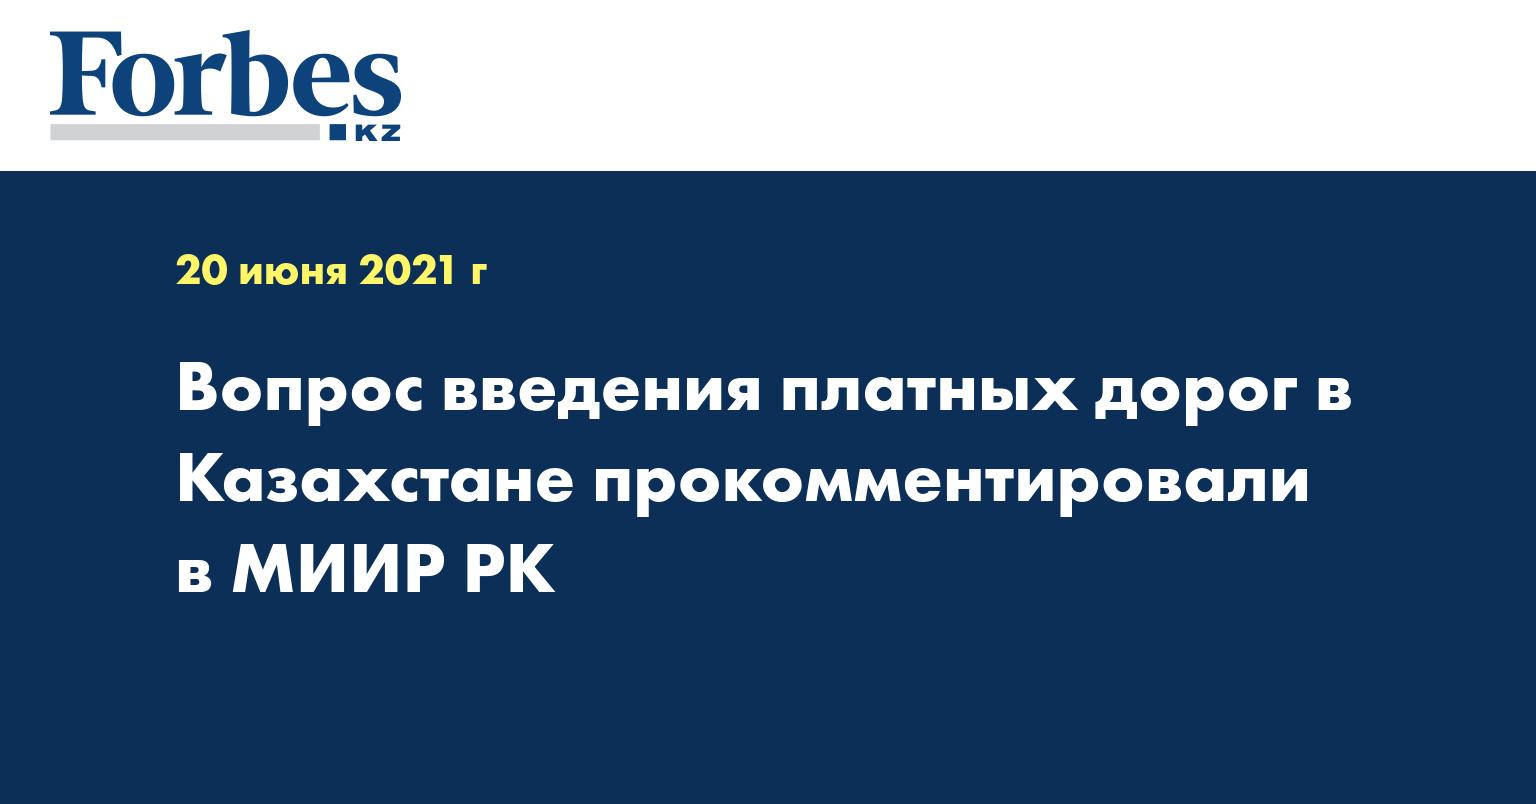 Вопрос введения платных дорог в Казахстане прокомментировали в МИИР РК